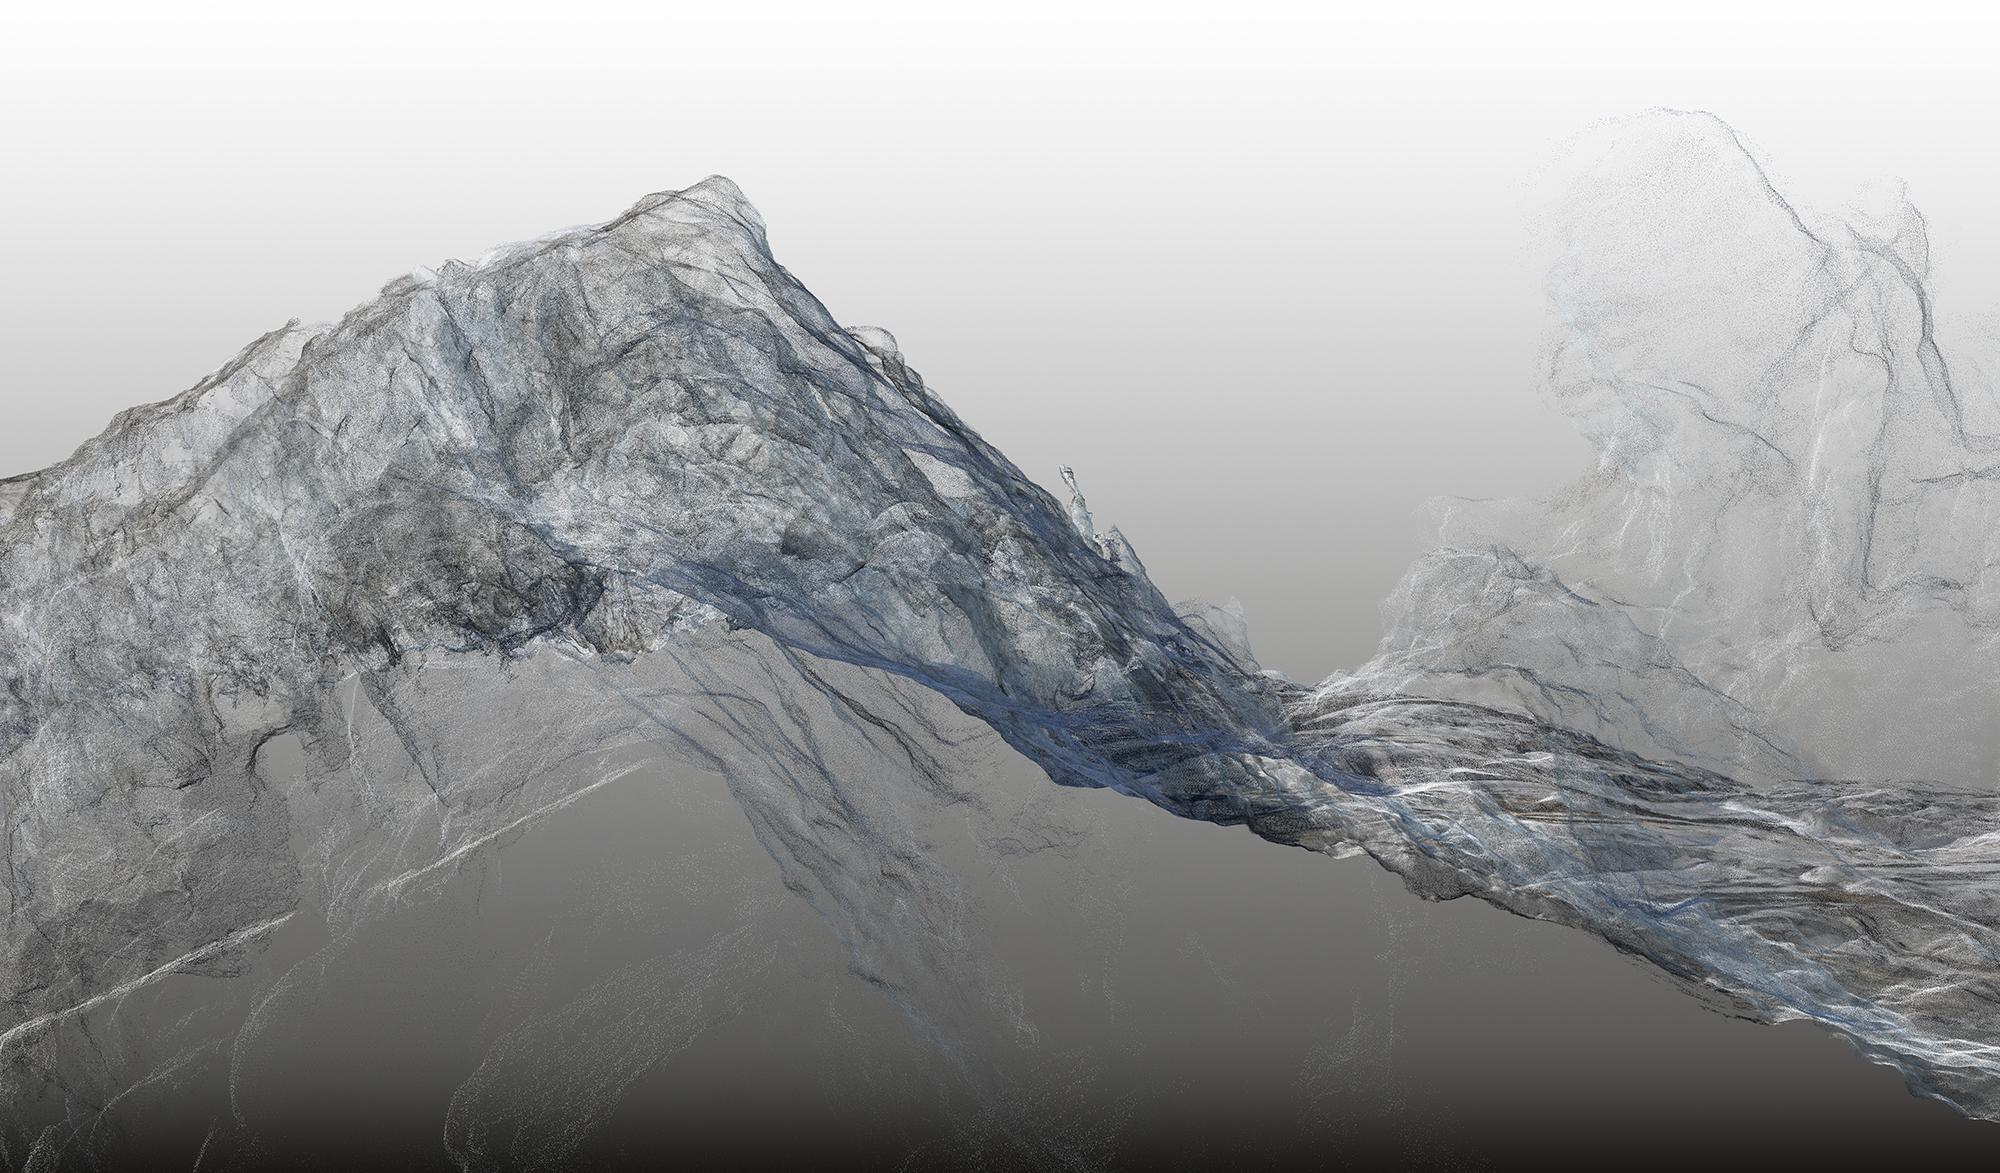 Argentiere Glacier no. 1